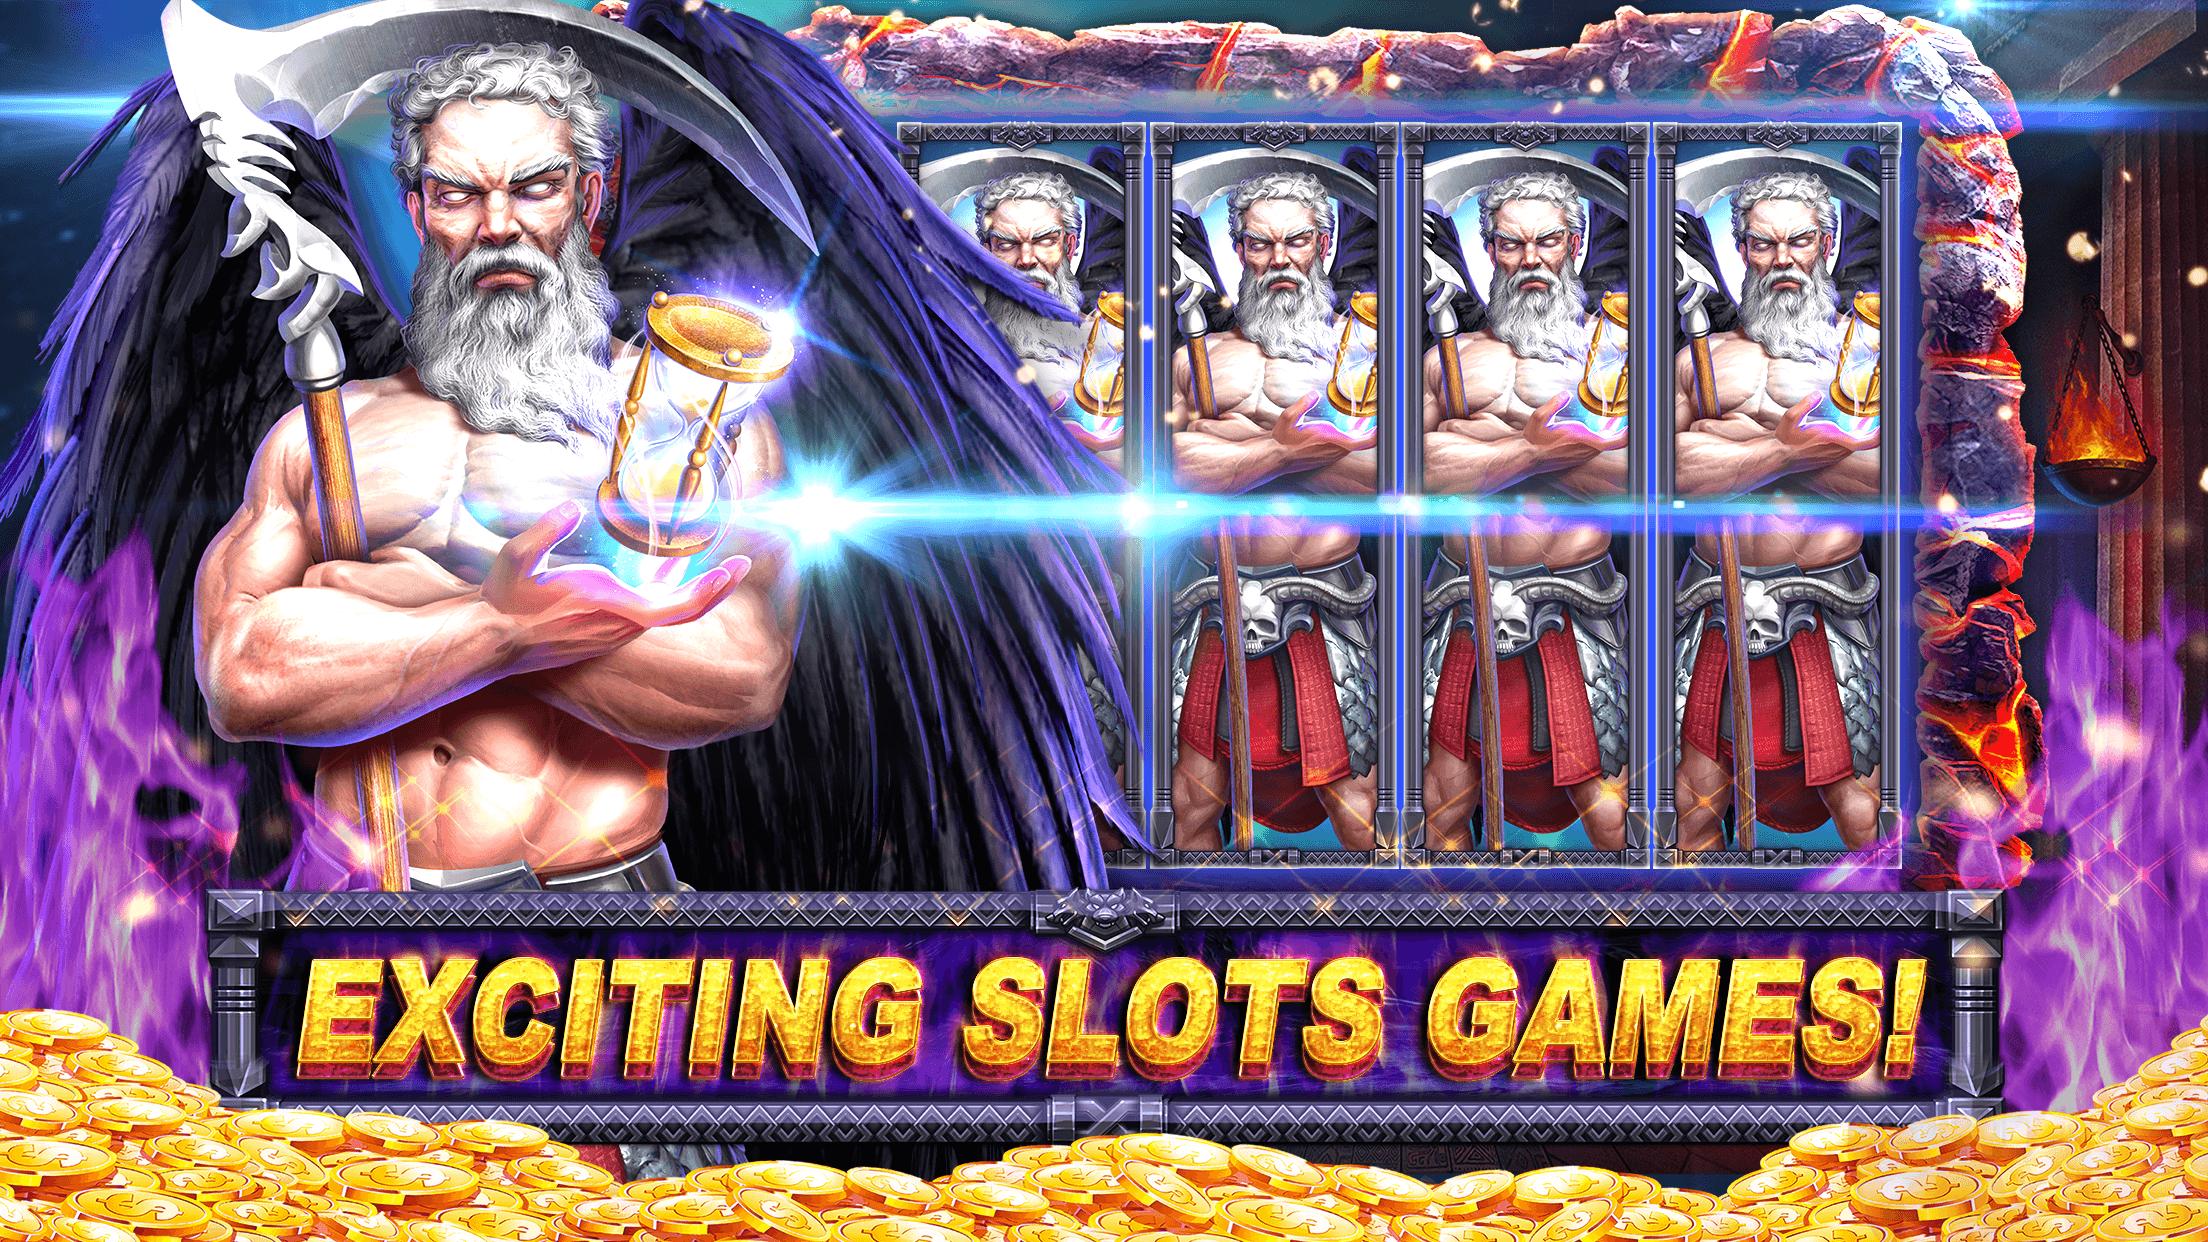 Slots Awe Vegas Casino Games™ screenshot 1